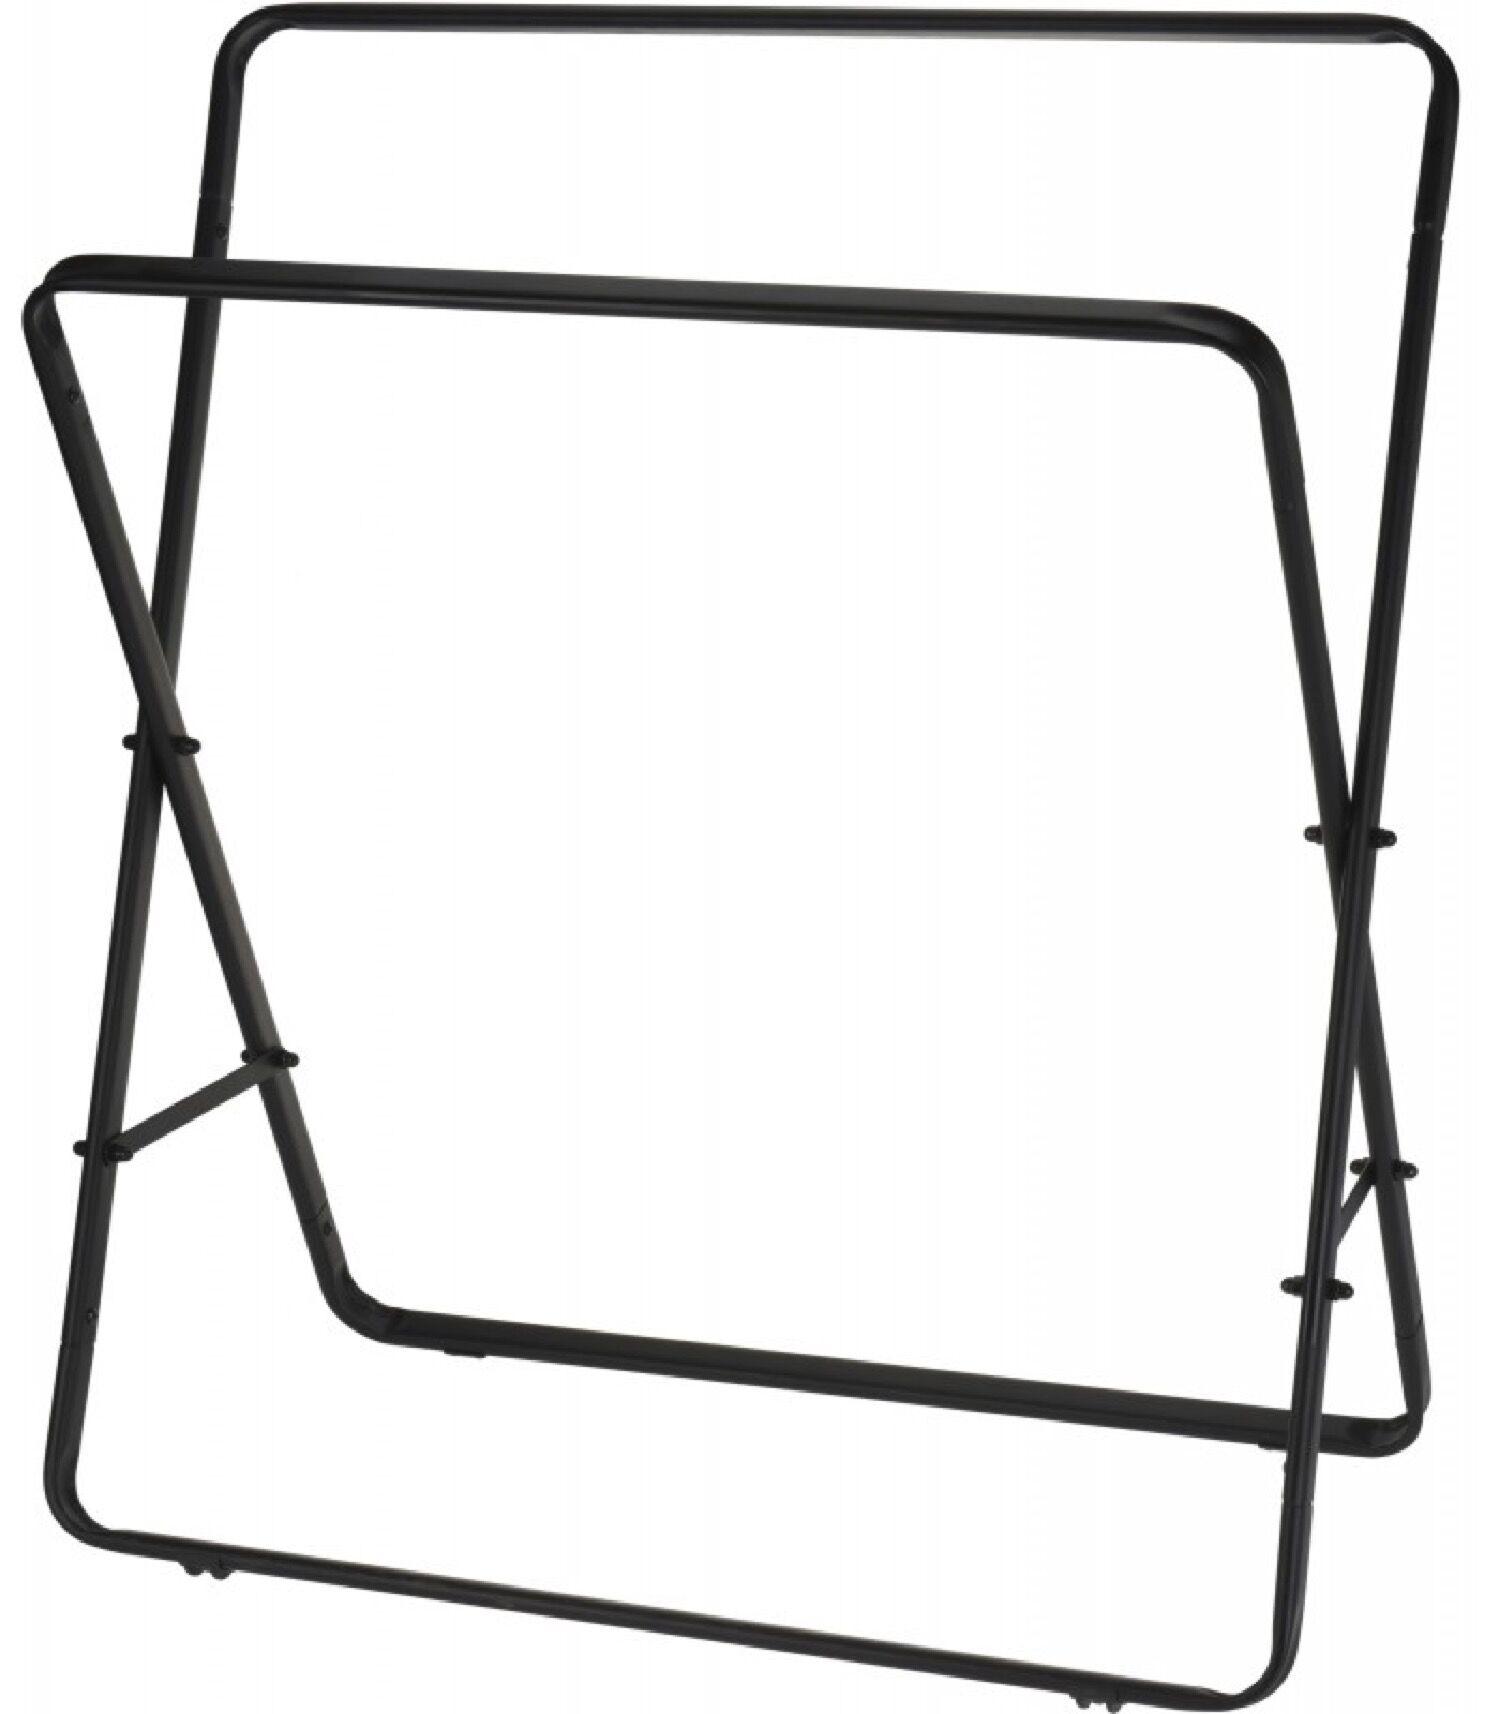 Wadiga Porte-serviettes sur pied en métal noir 2 bras